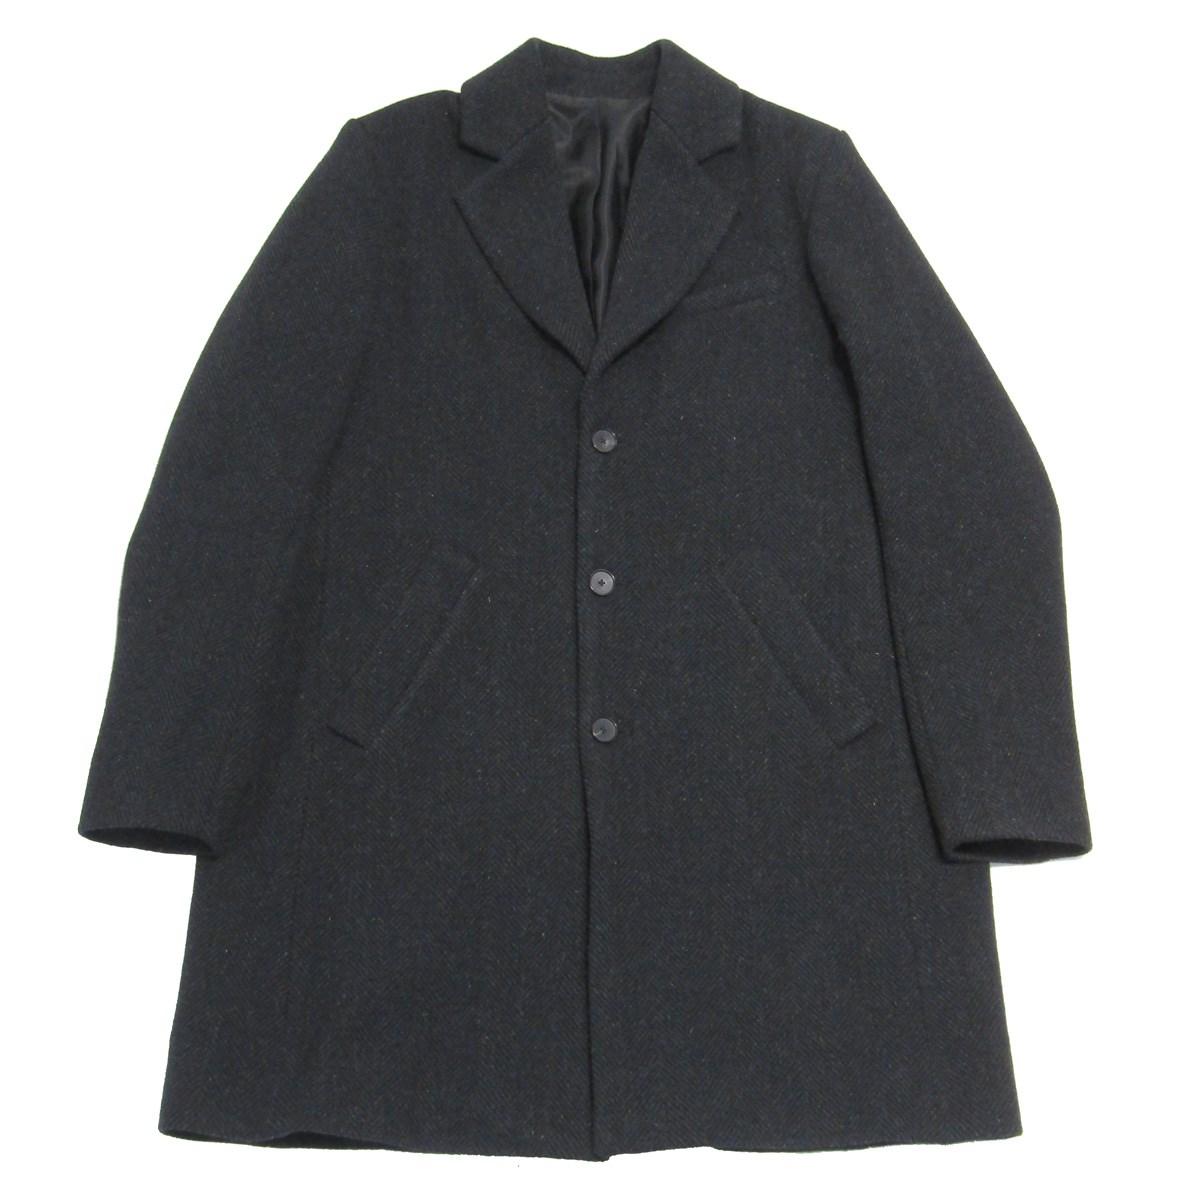 【中古】A KIND OF GUISE Virgin Wool Tweed Chester Coat ツイードチェスターコート グレー サイズ:M 【020520】(ア カインド オブ ガイズ)